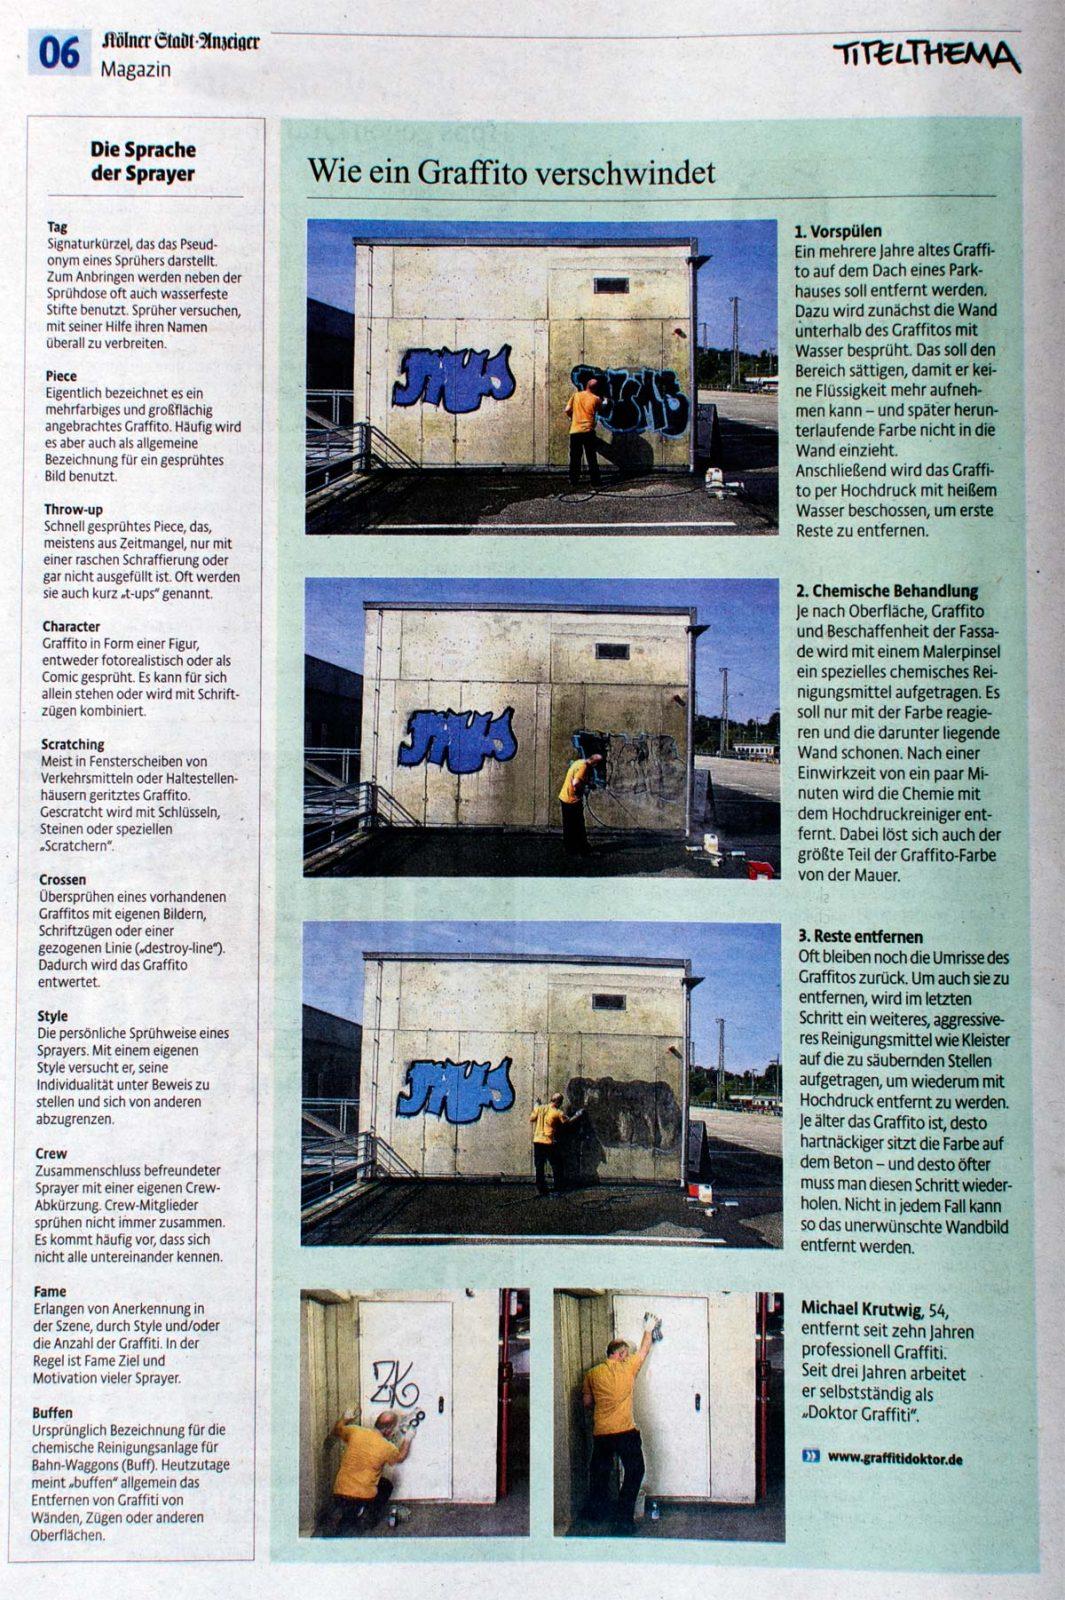 Graffitientfernung | Köln | Bonn | Siegburg | Bergisches Land | Graffitidoktor | Beraten | Entferne | Schützen | Farbschmierereien | Fassadenschutz | Bautenschutz | Fassadenreinigung |